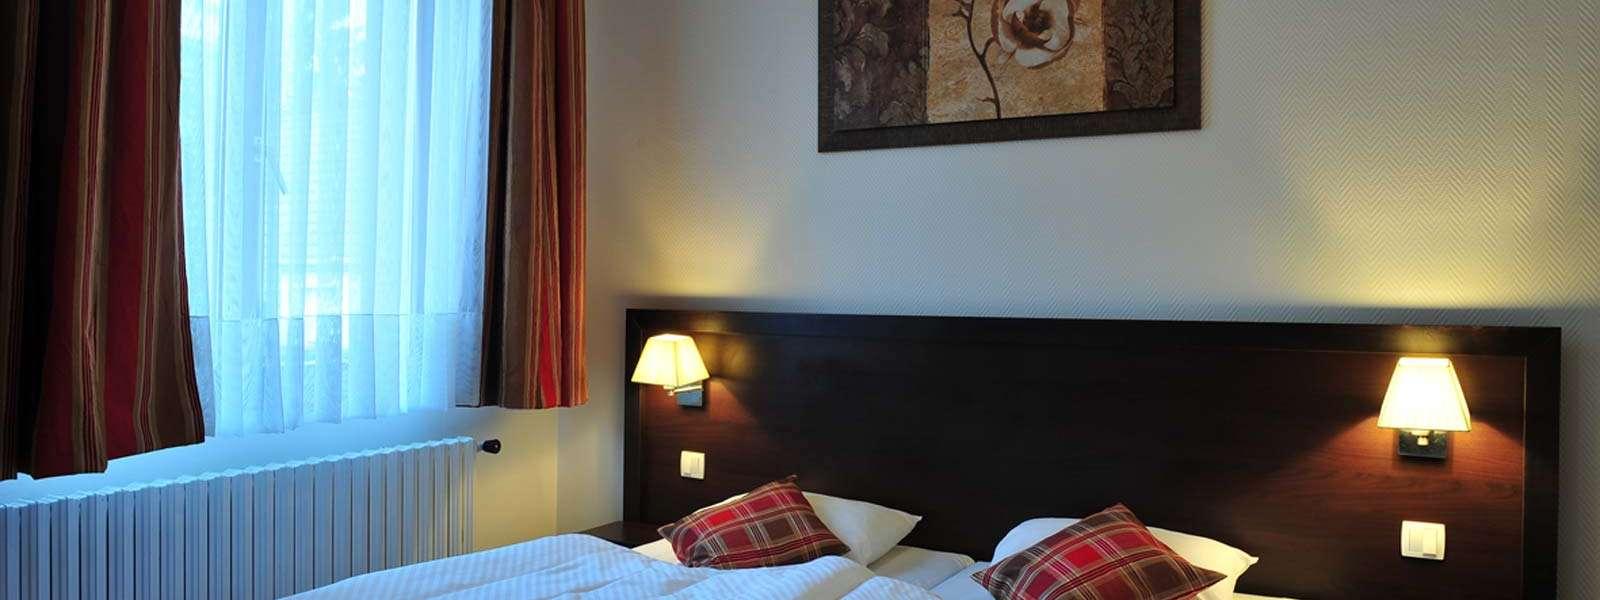 Hôtel du Parc, Niederbronn-les-Bains, Alsace, chambre entre traditions et modernité